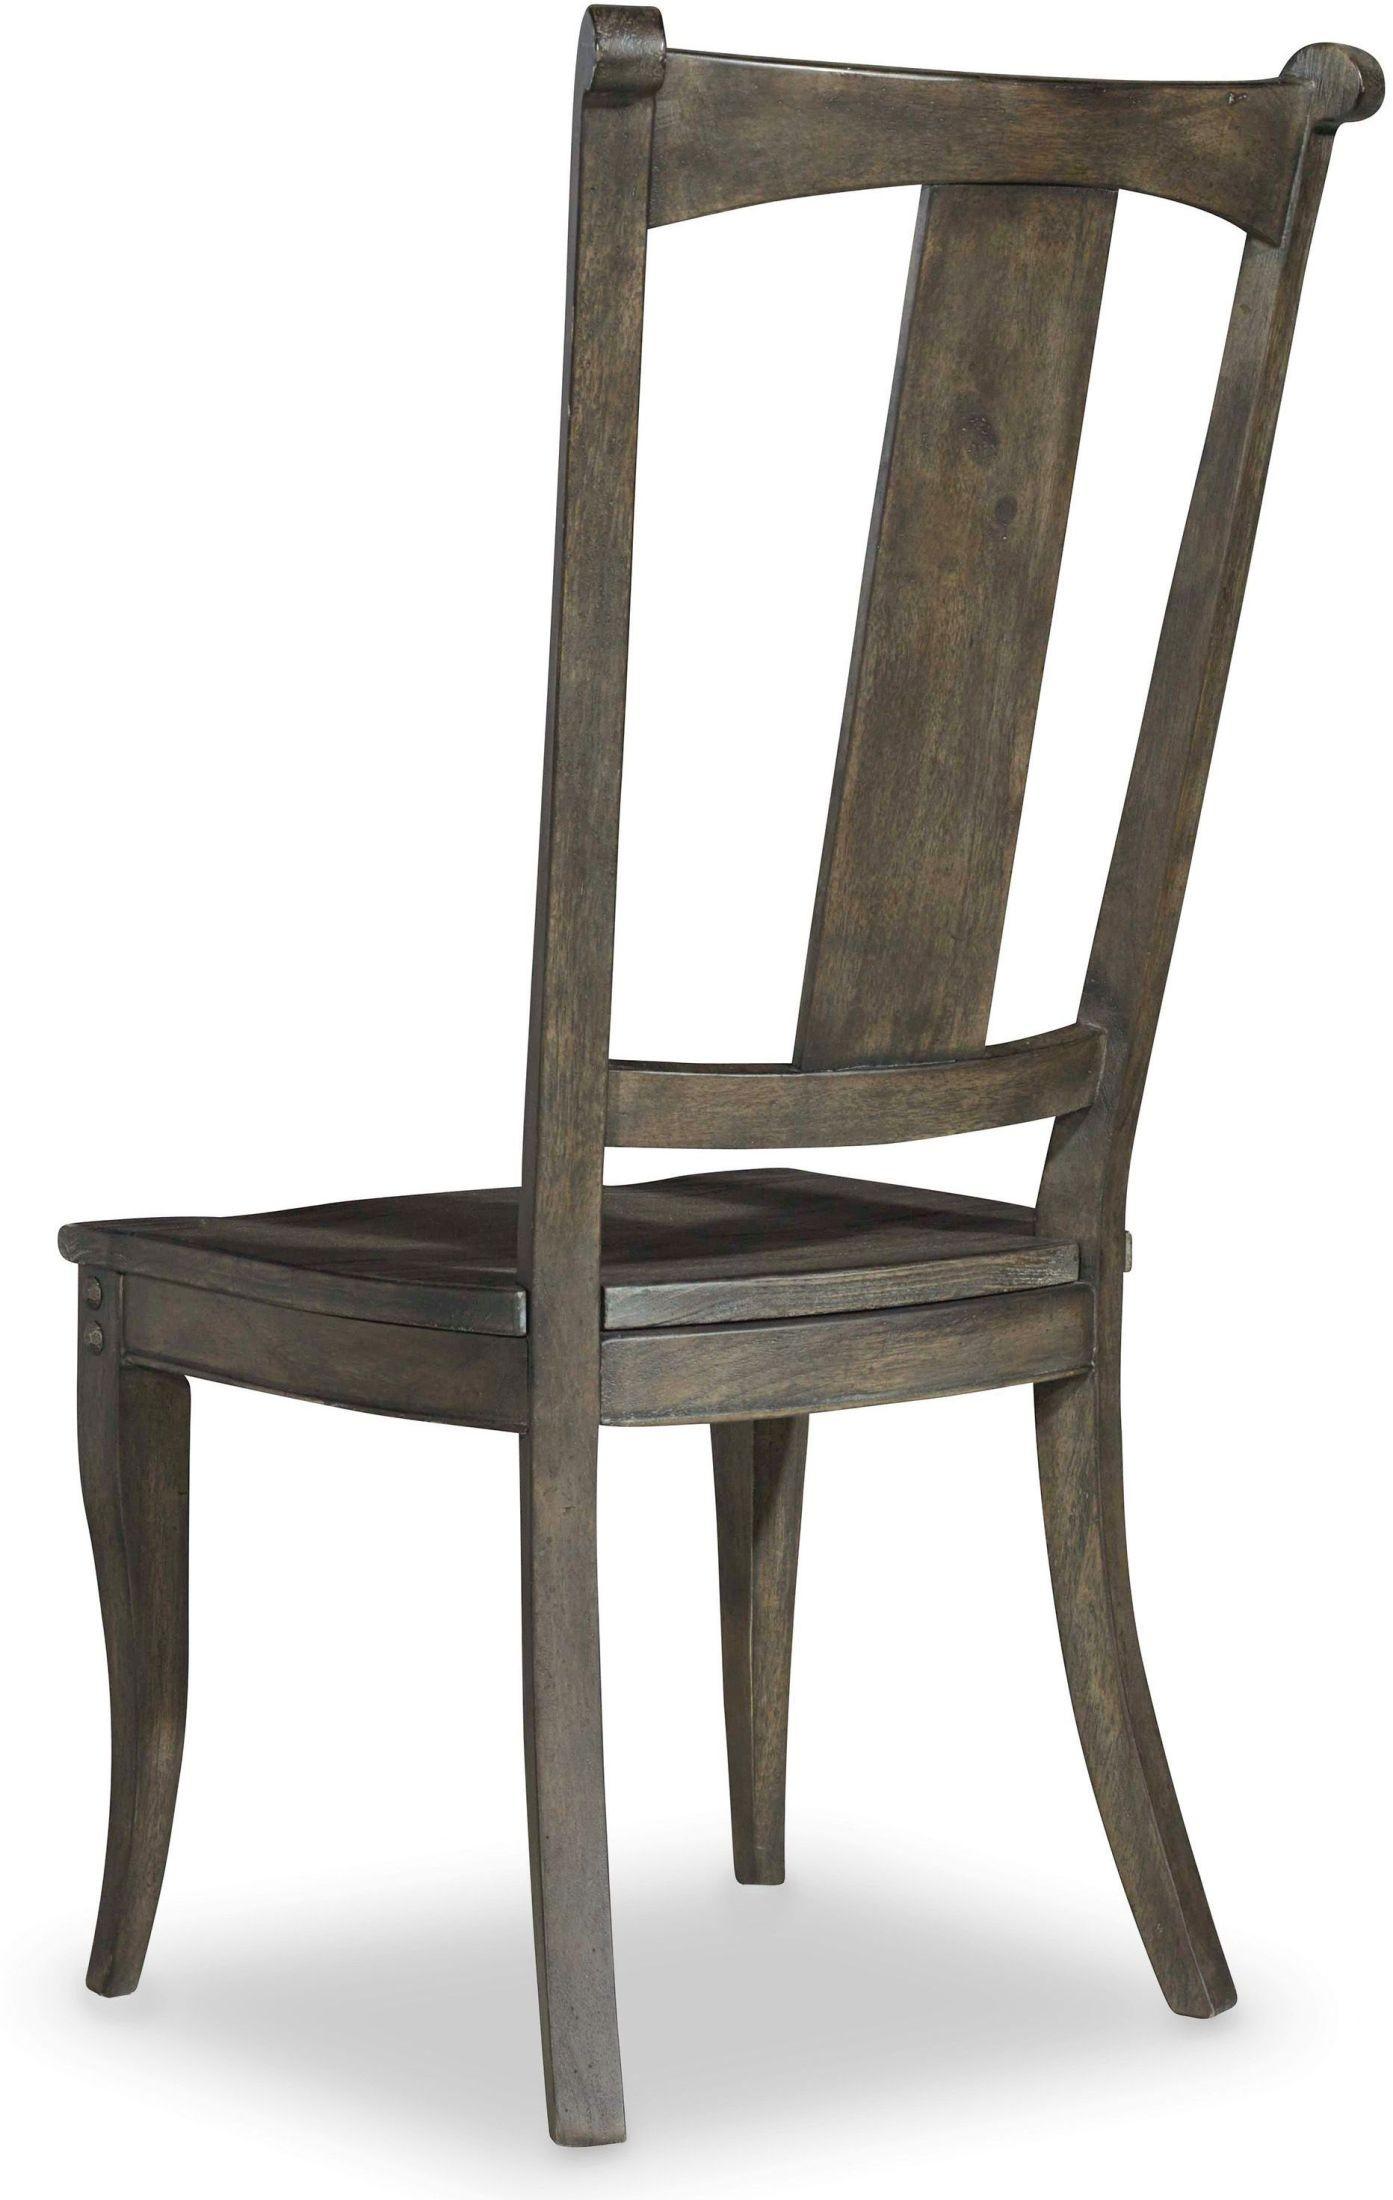 Vintage West Charcoal Gray Splatback Side Chair Set Of 2 5700 75310 Hooker